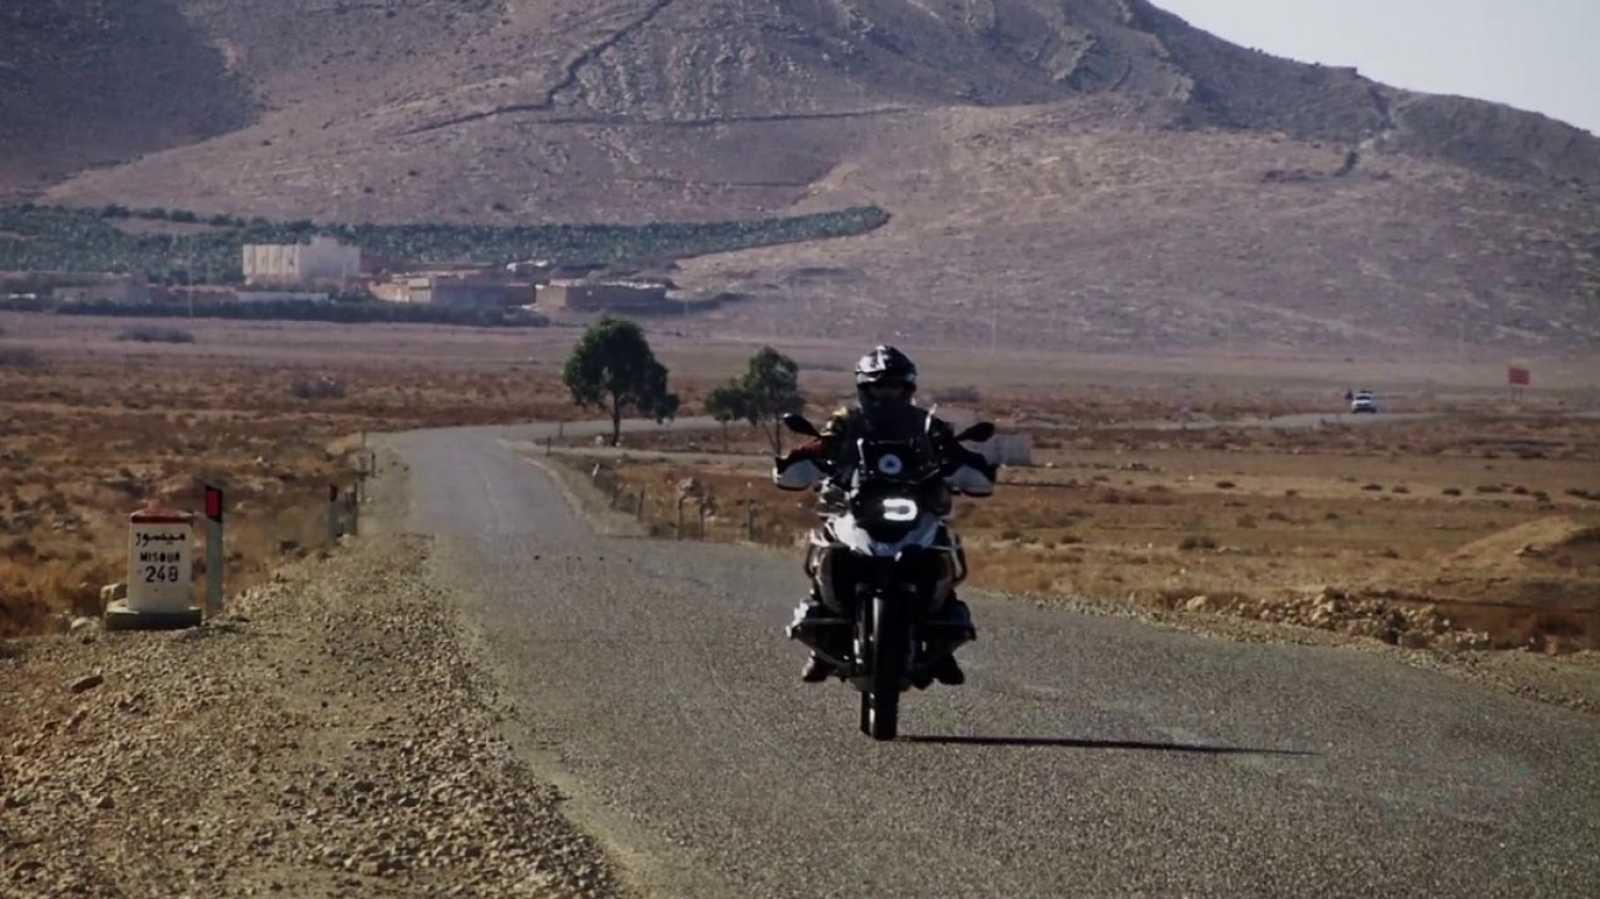 Diario de un nómada - Carreteras extremas II - La interminable - ver ahora